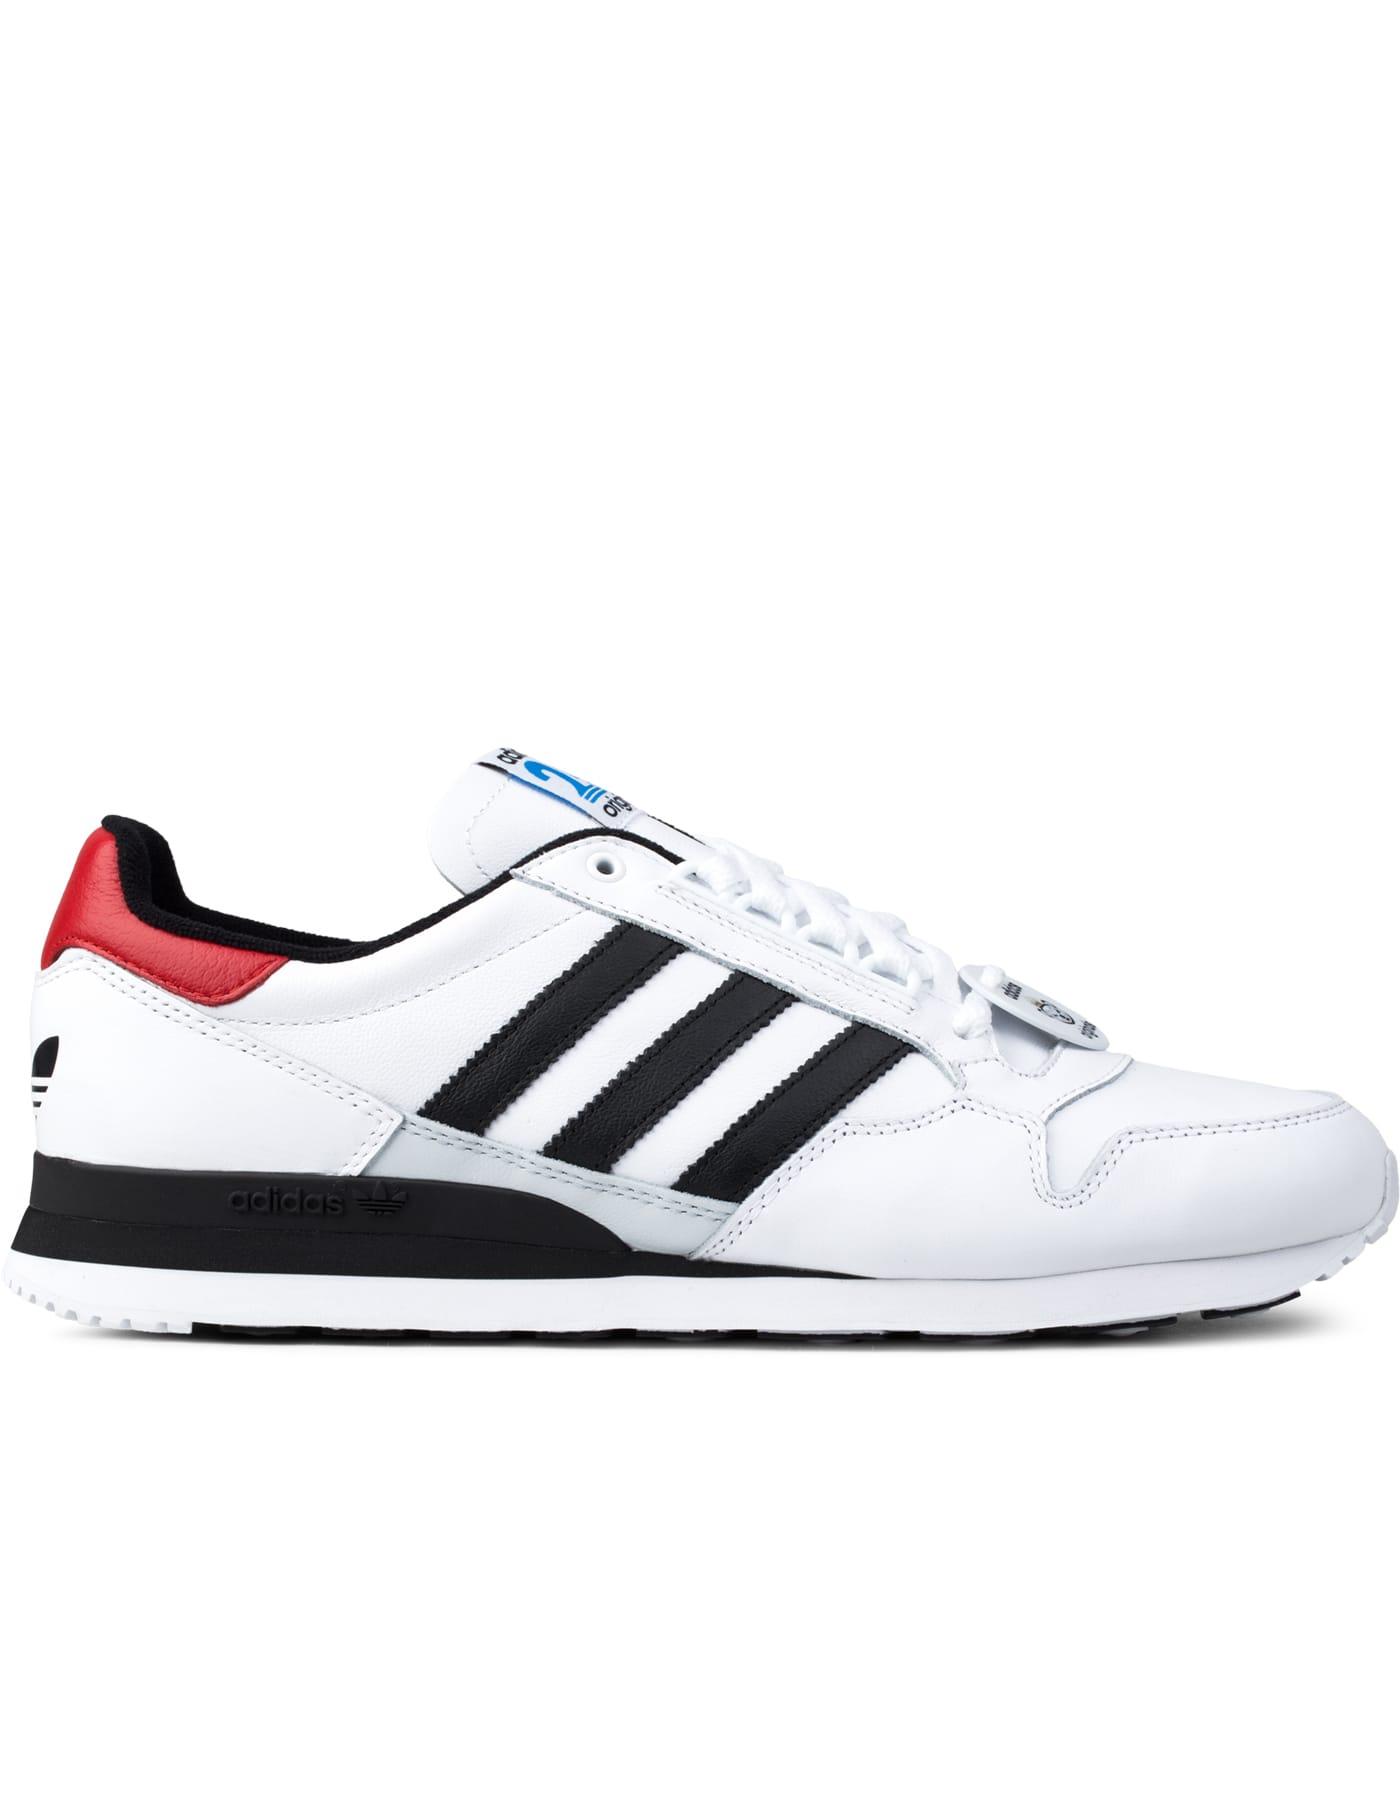 adidas zx 500 og nigo